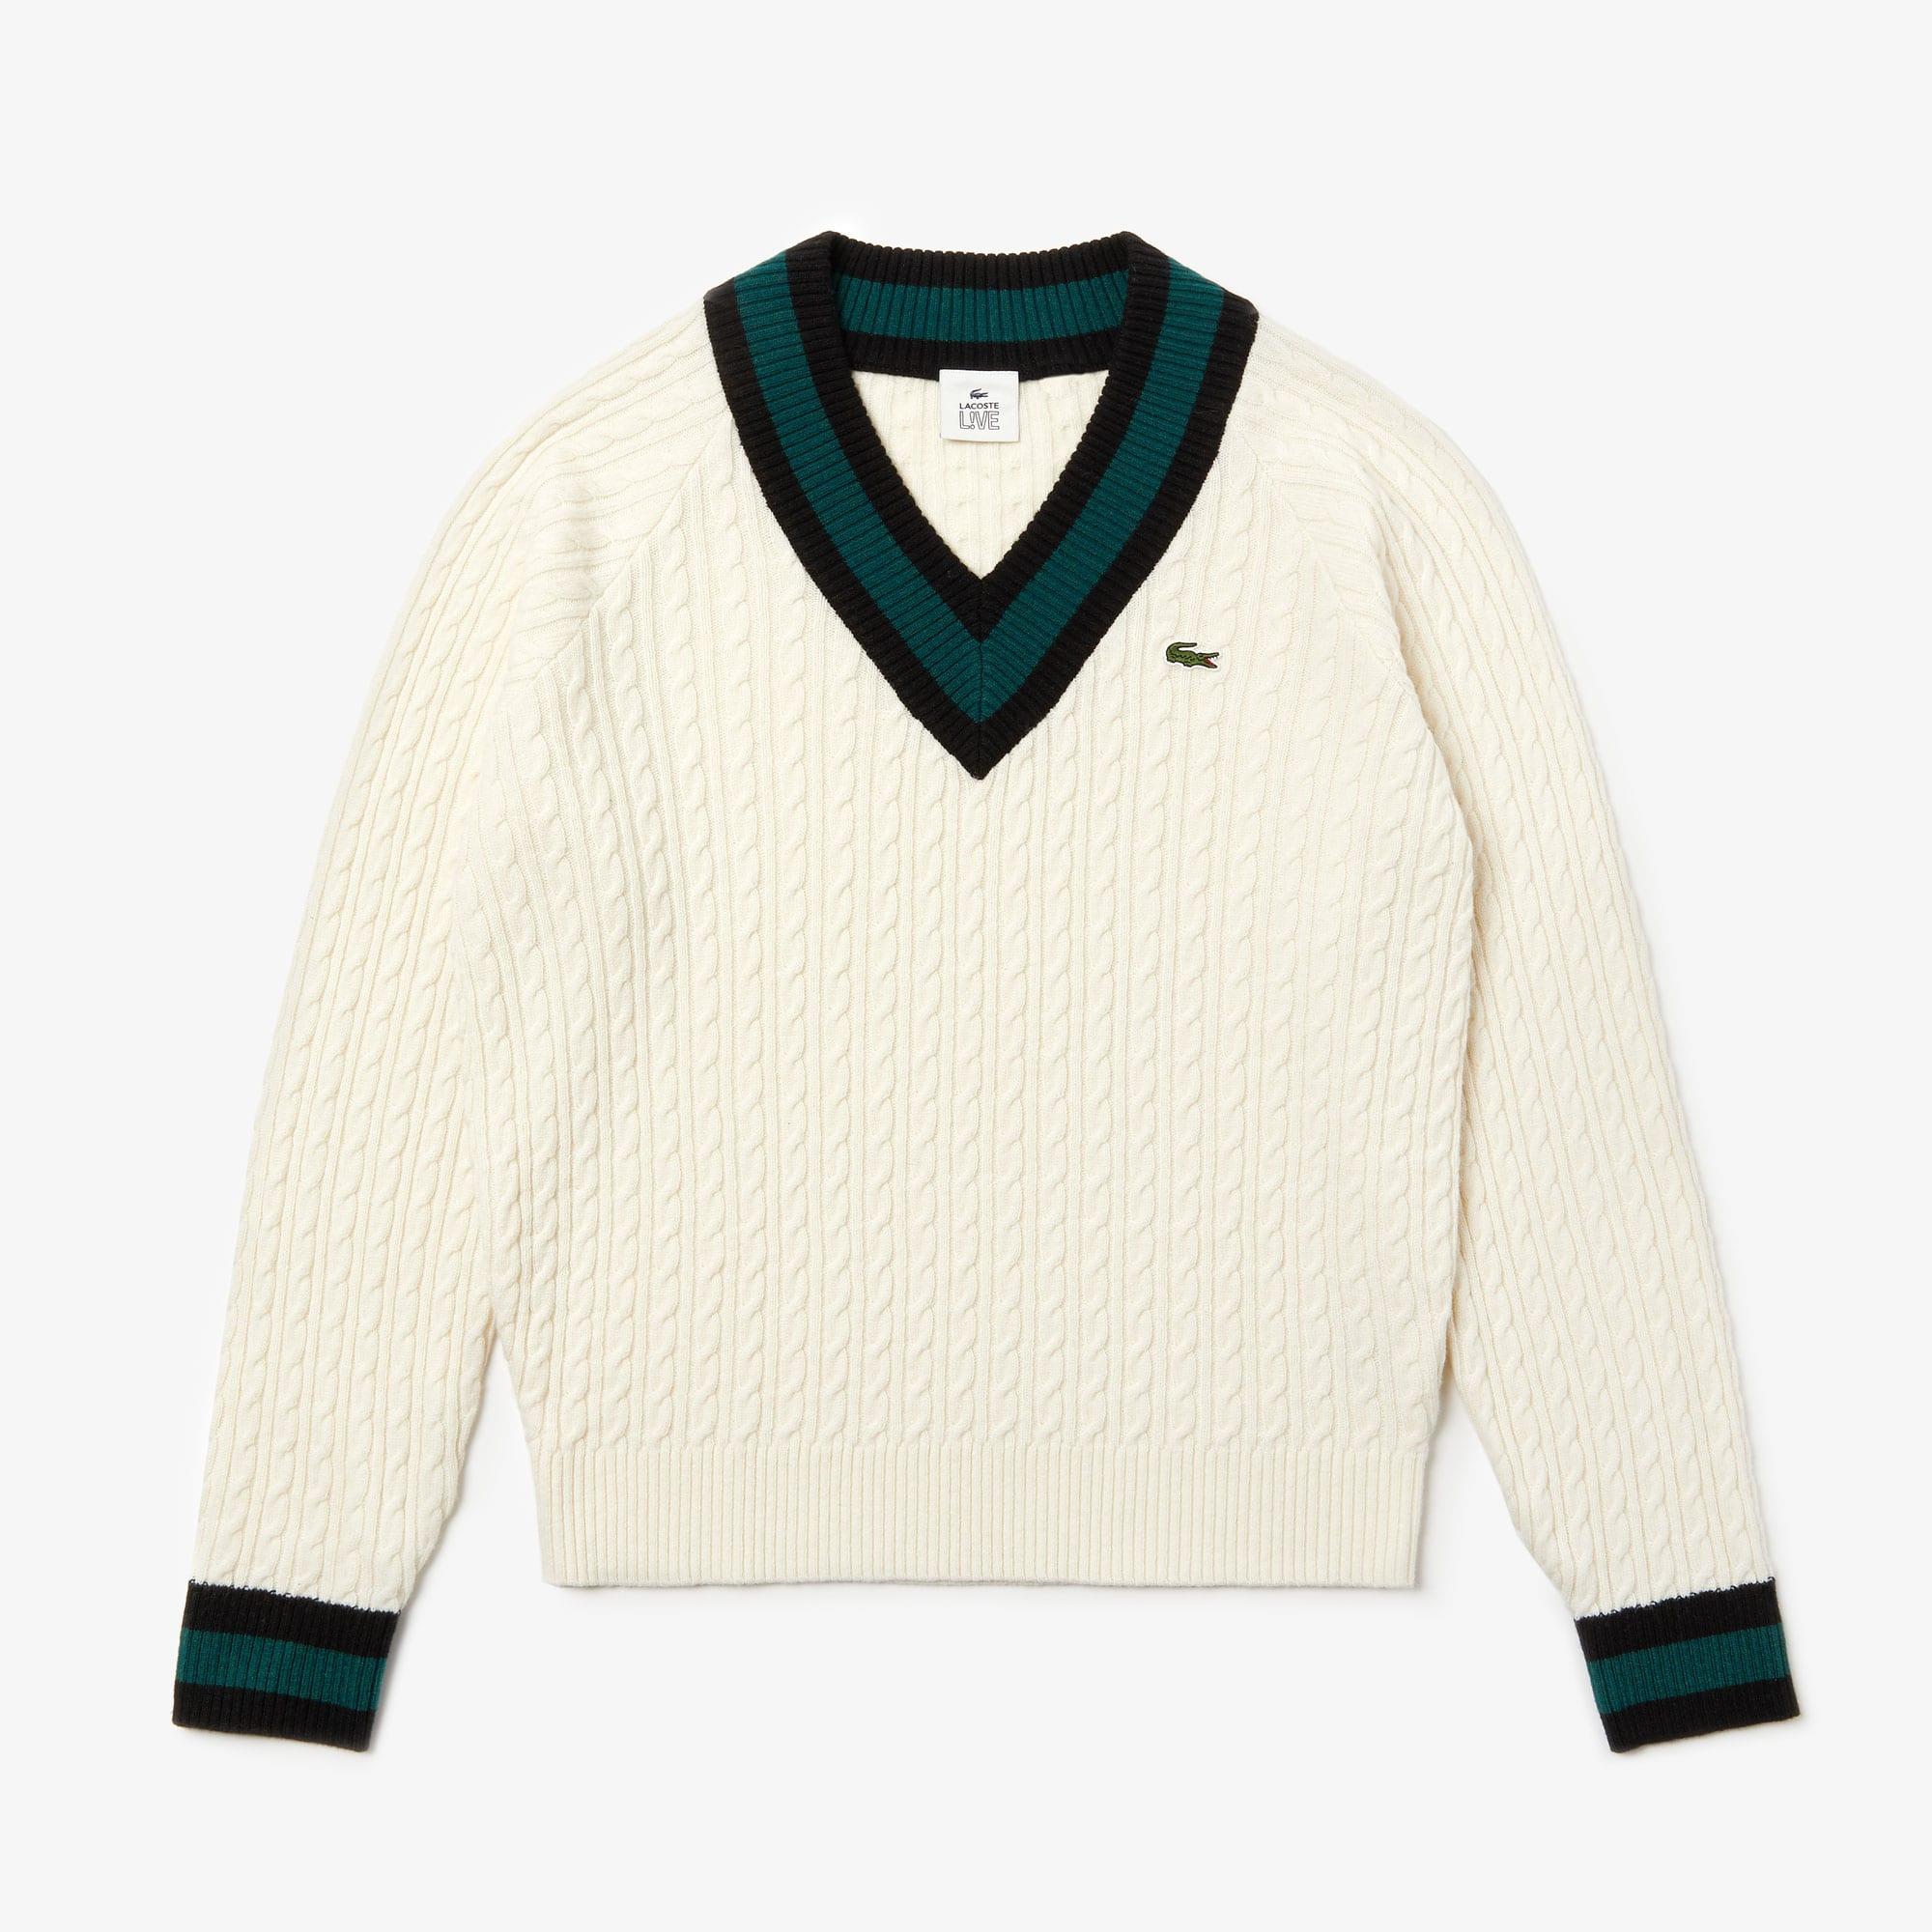 wholesale dealer e0015 2be60 Polos, Kleidung und Lederwaren Online | LACOSTE